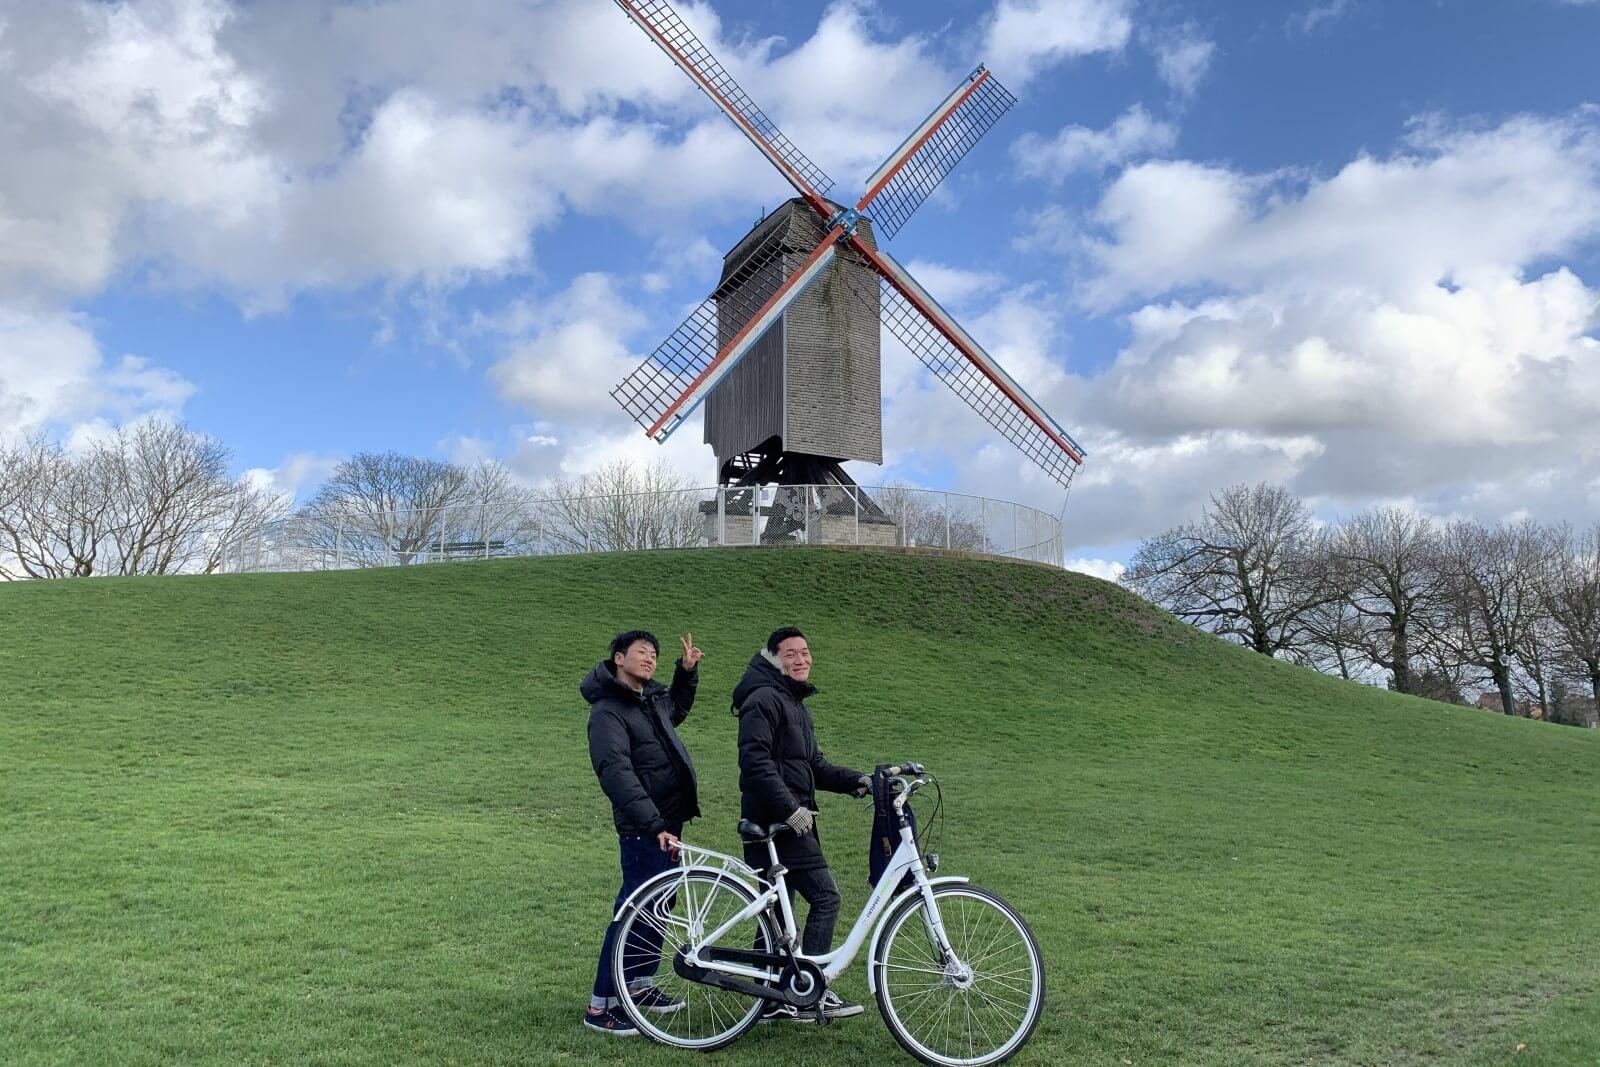 Bonne-Chièremolen - Los molinos de viento de Brujas